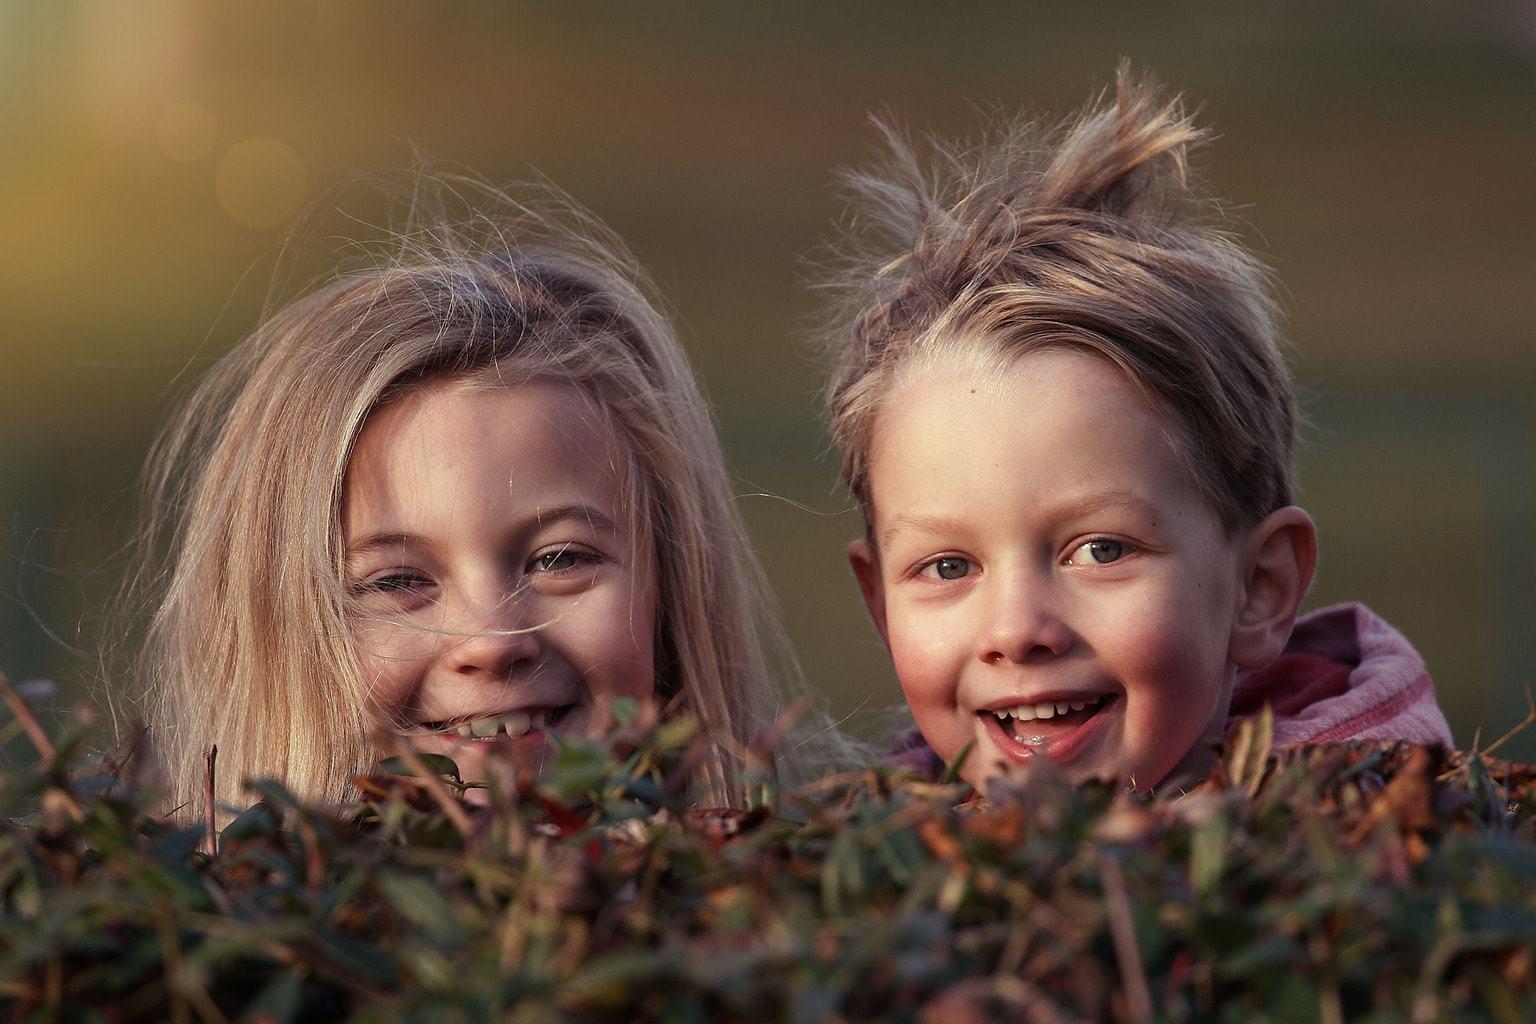 Fotografía de hermanos sonriendo a la cámara